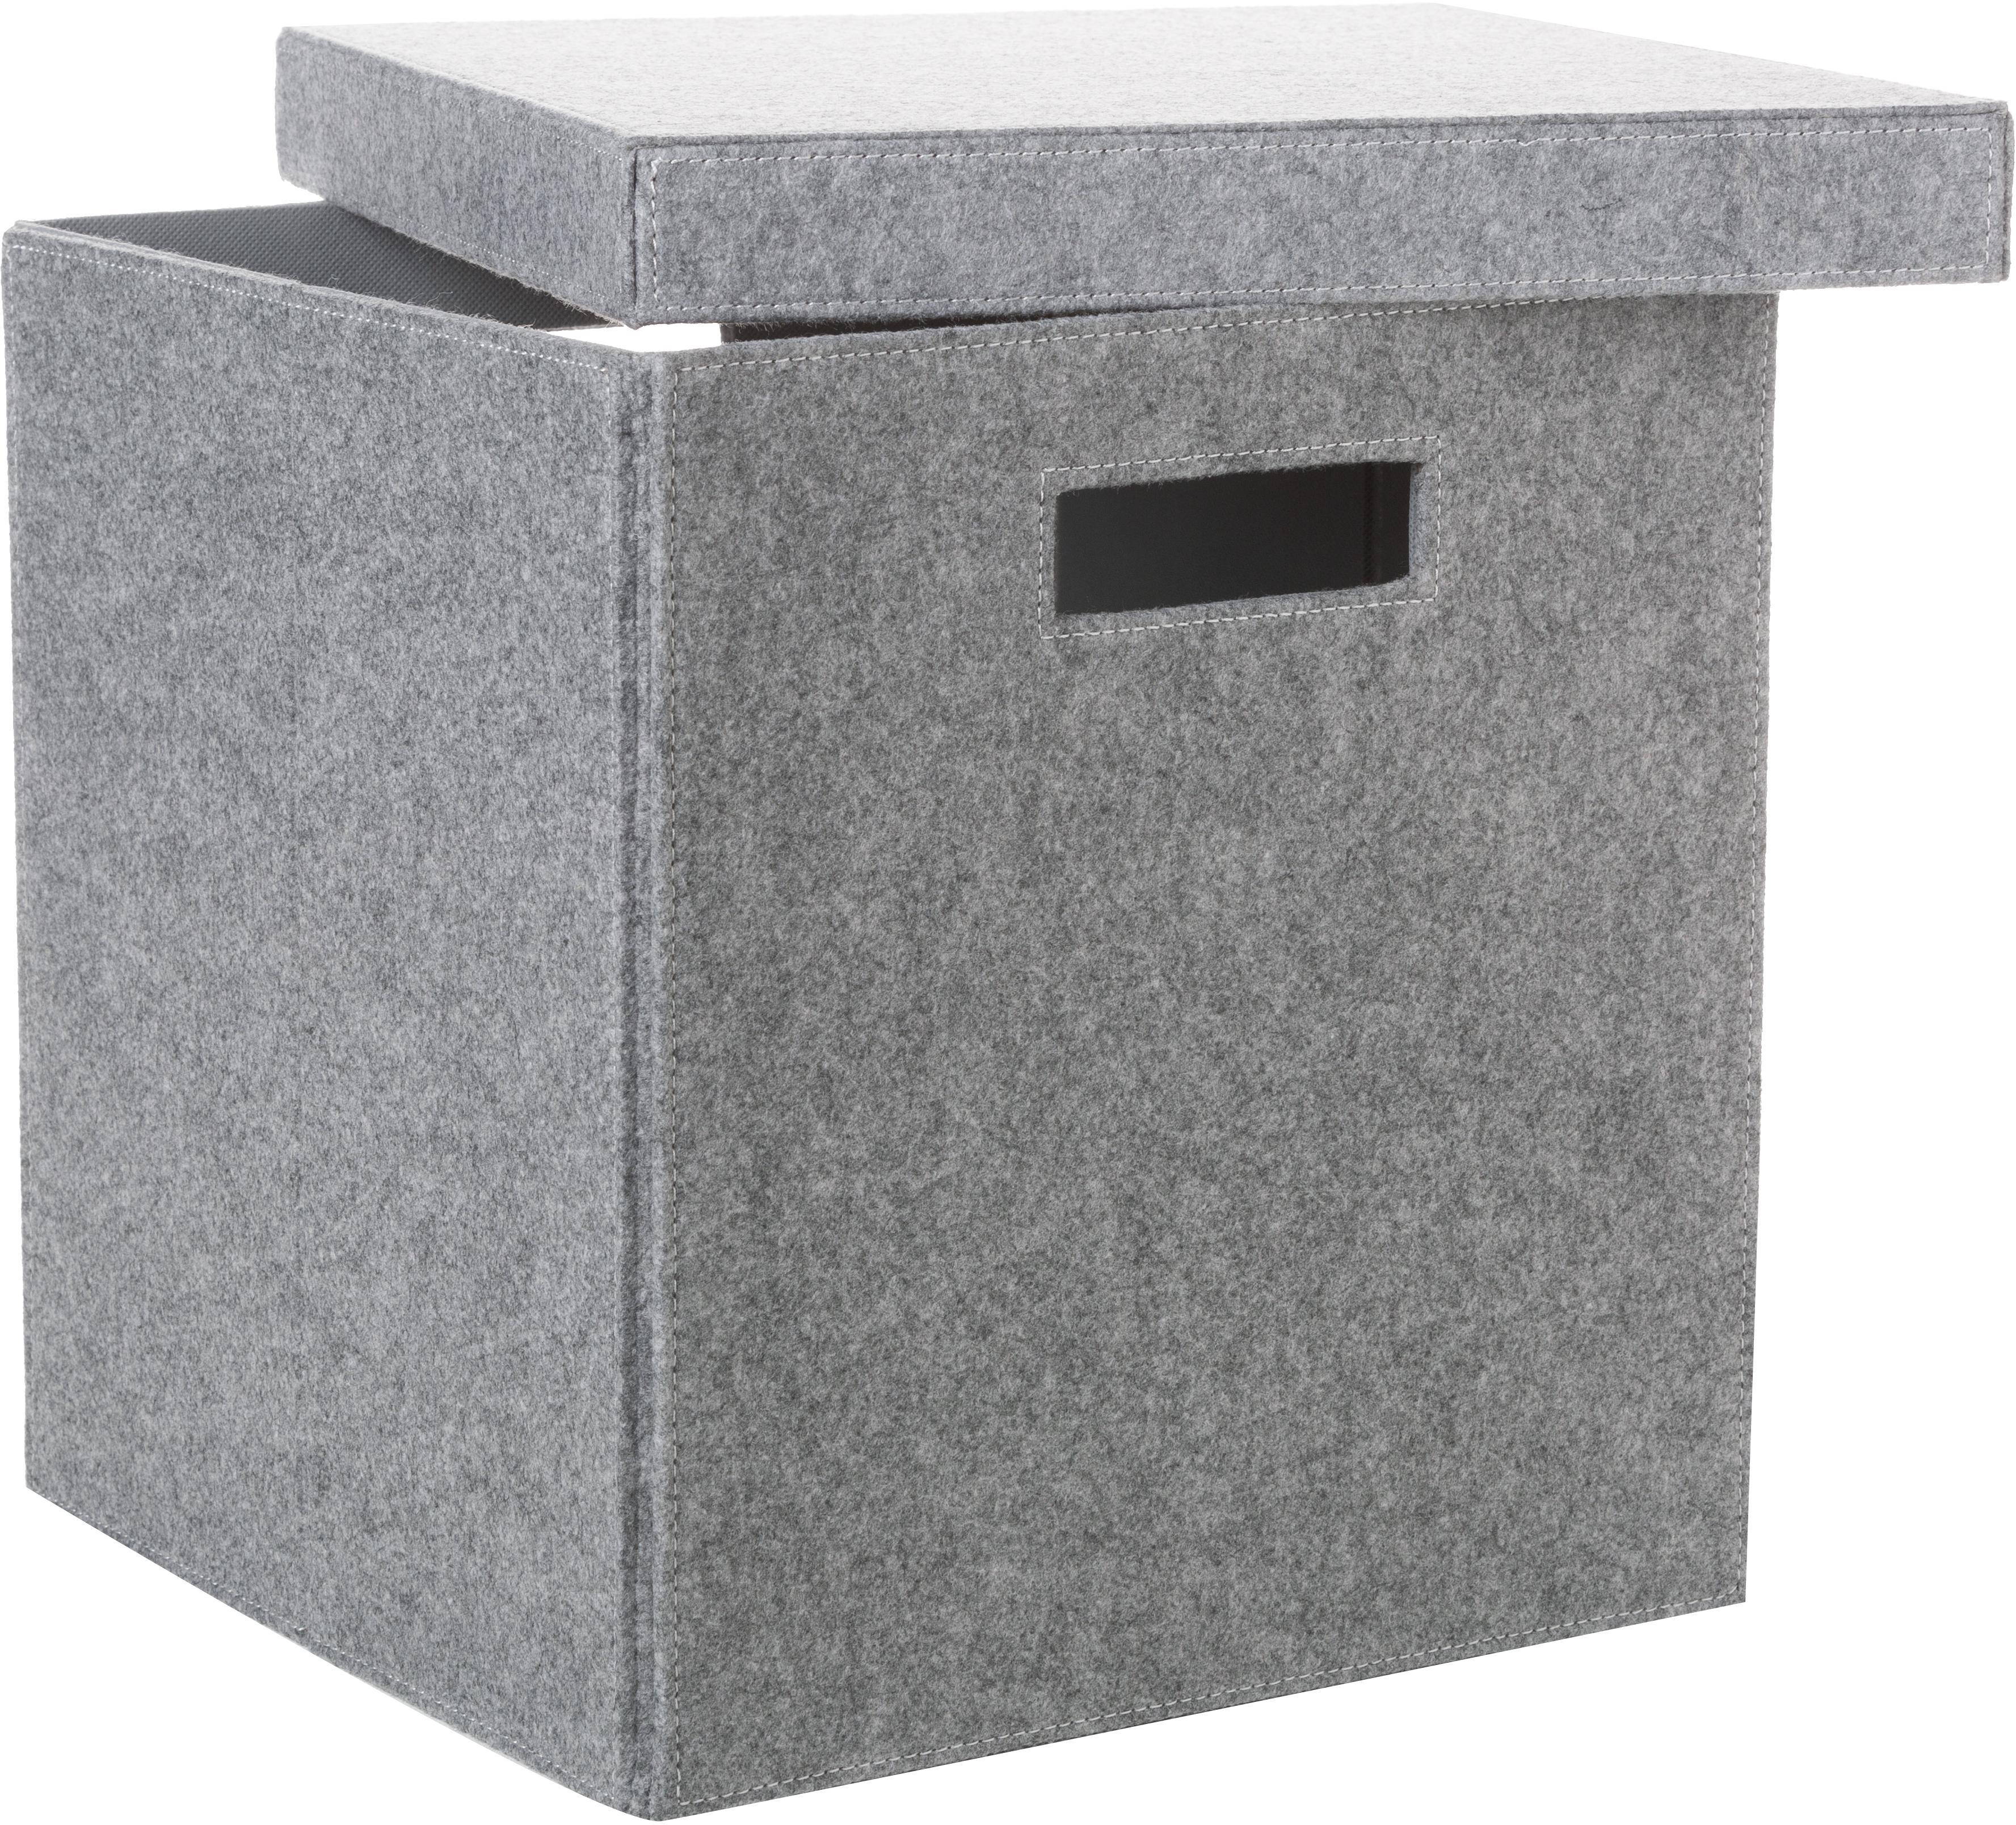 Aufbewahrungsbox Lena, Filz aus recyceltem Kunststoff, Grau, 32 x 32 cm